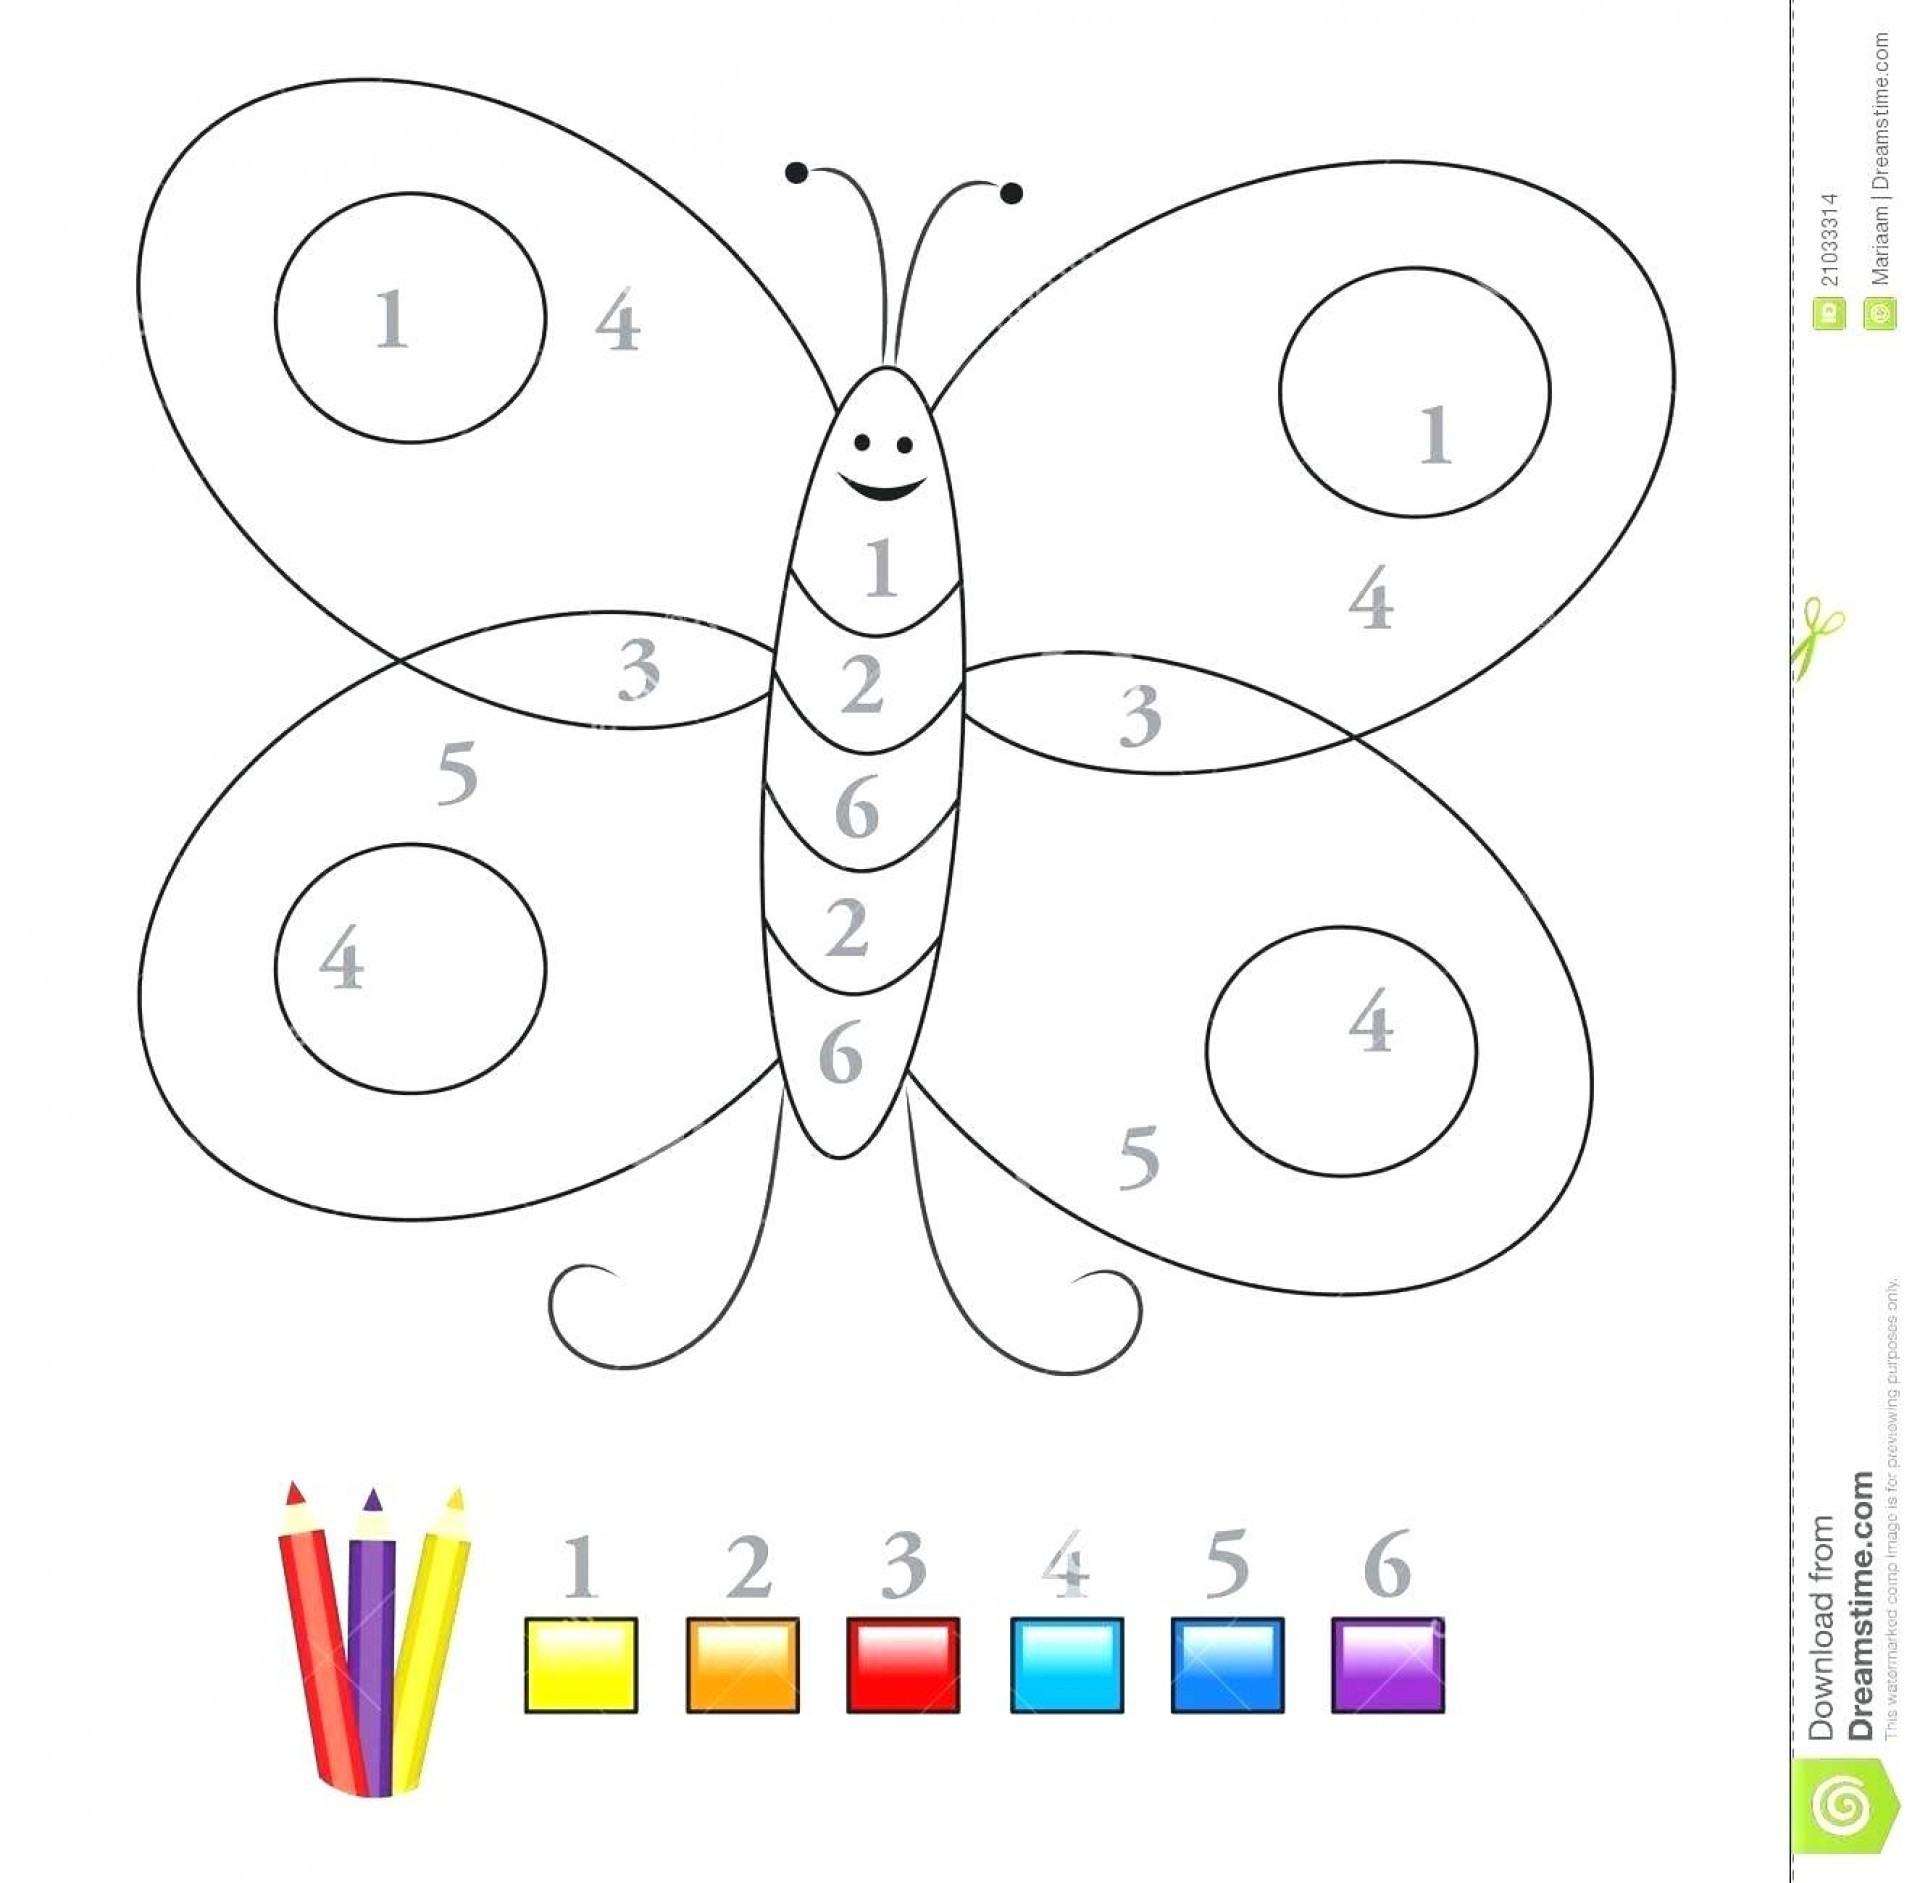 Kindergarten Letter Recognition Worksheets